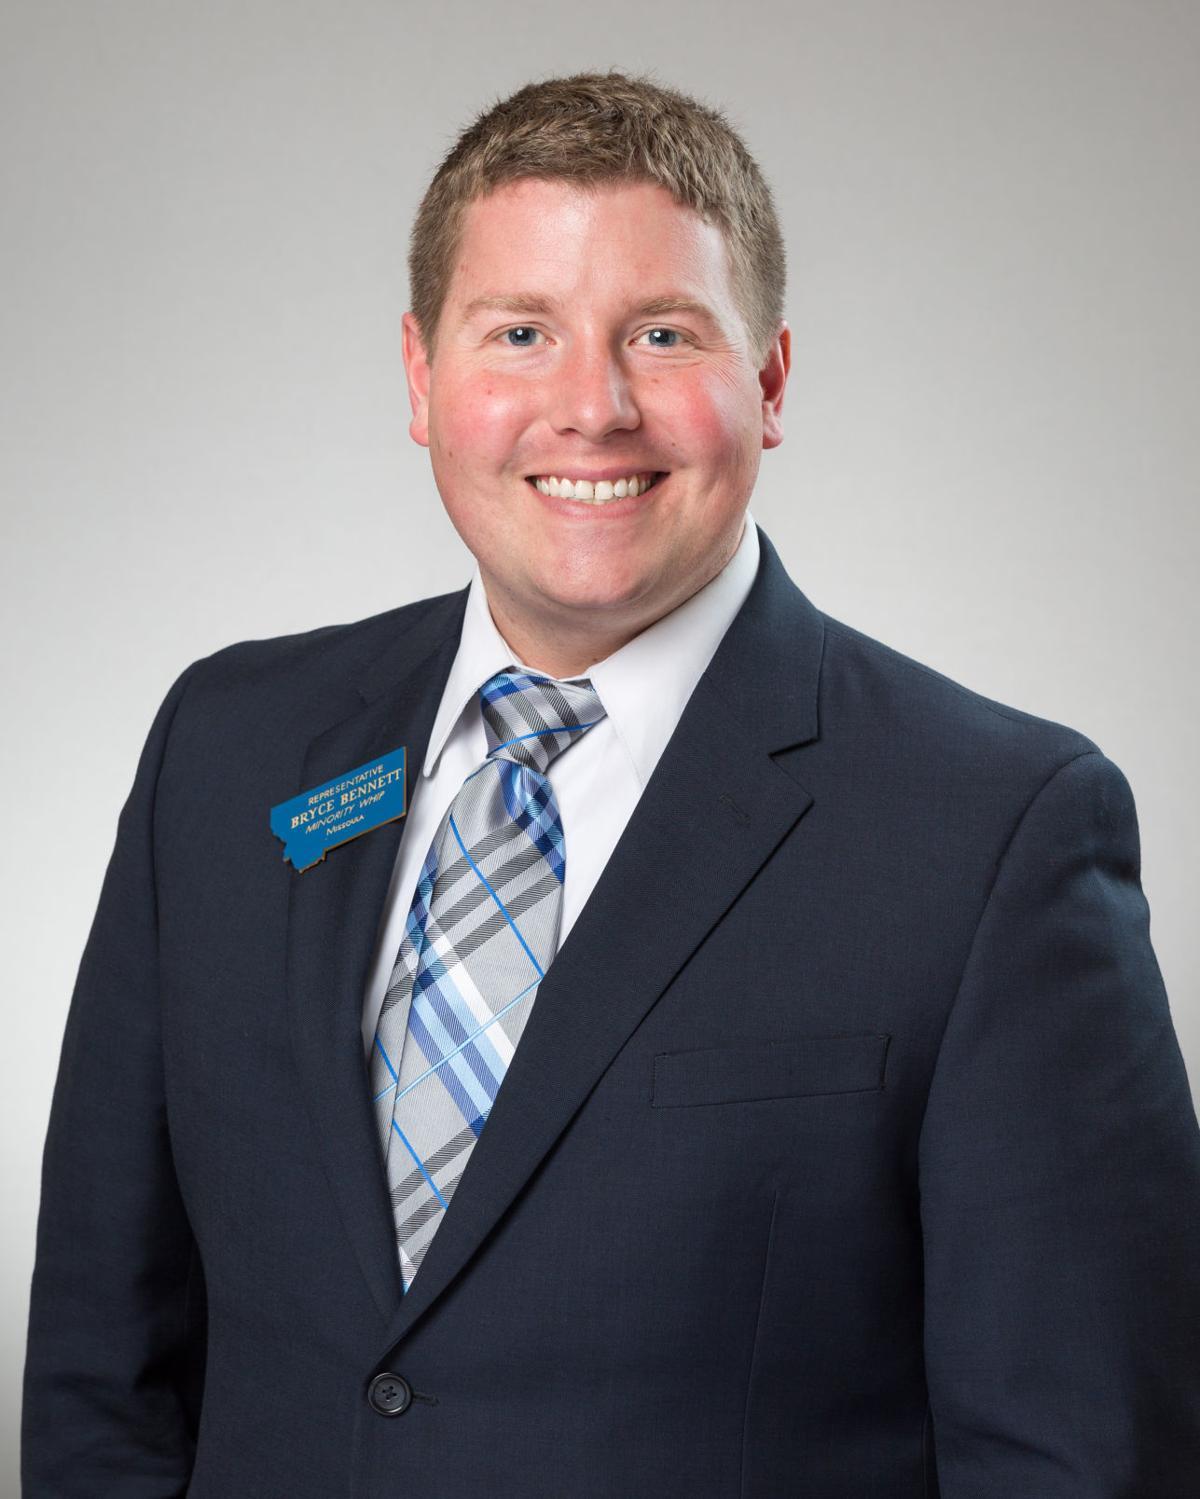 Bryce Bennett